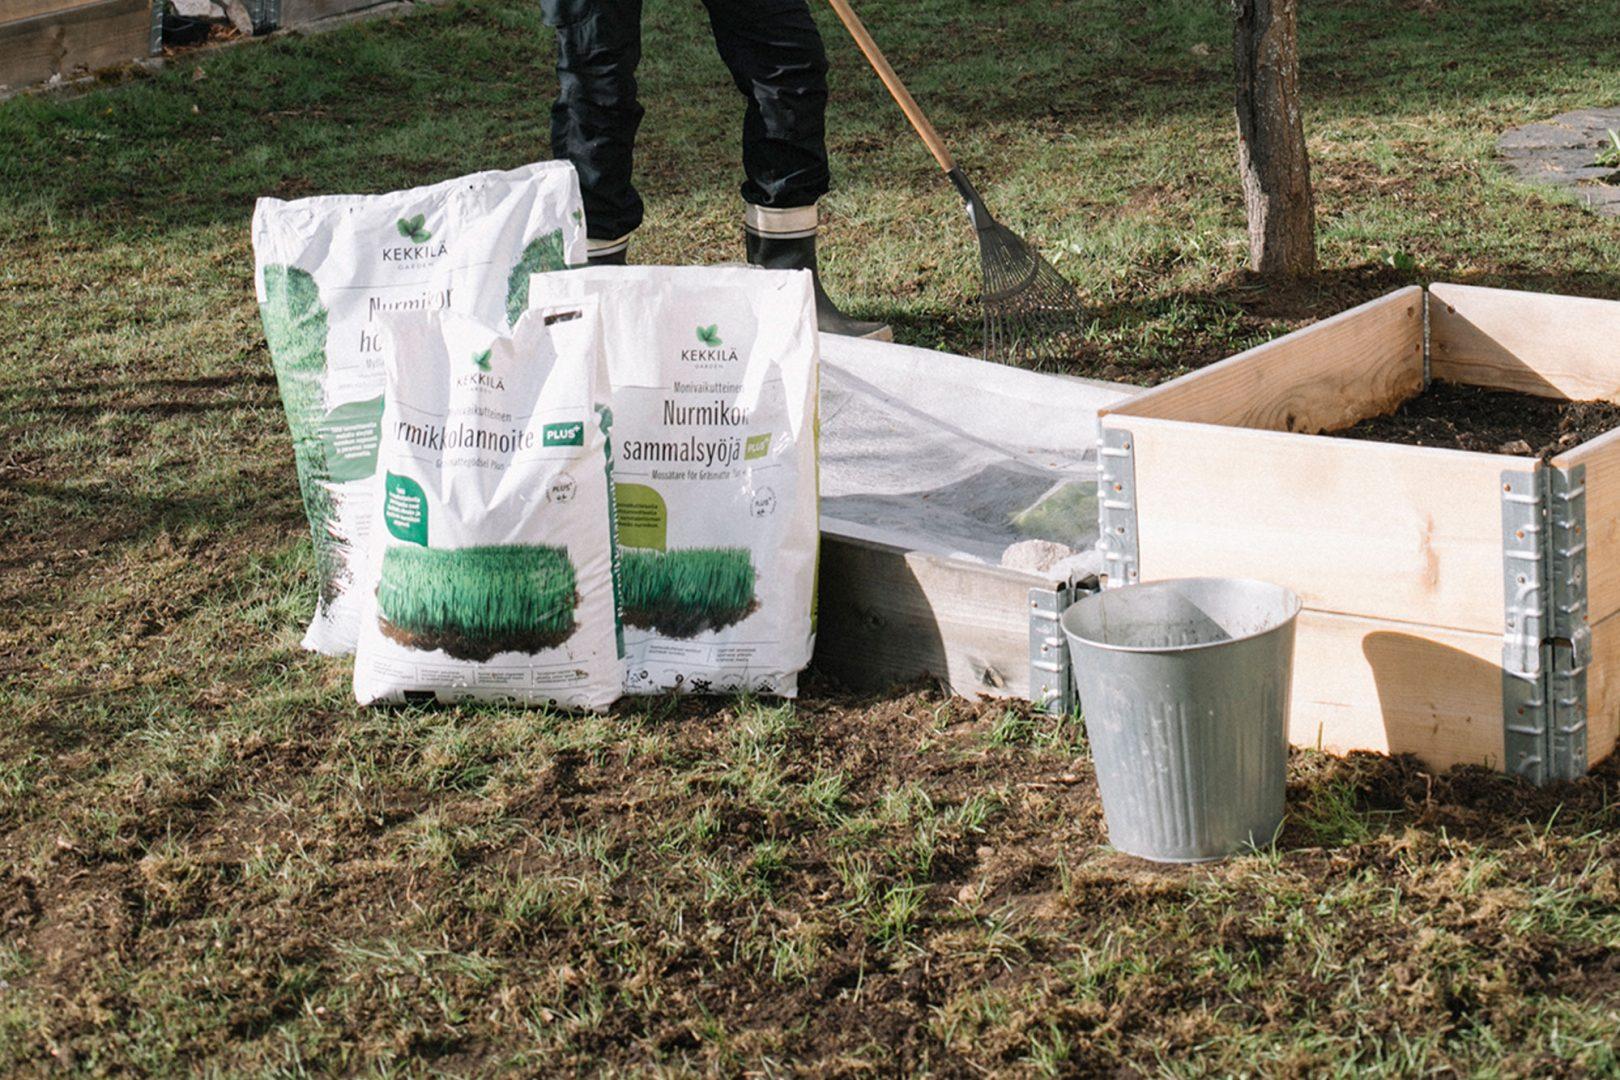 Kekkilän nurmikonhoito tuotteet